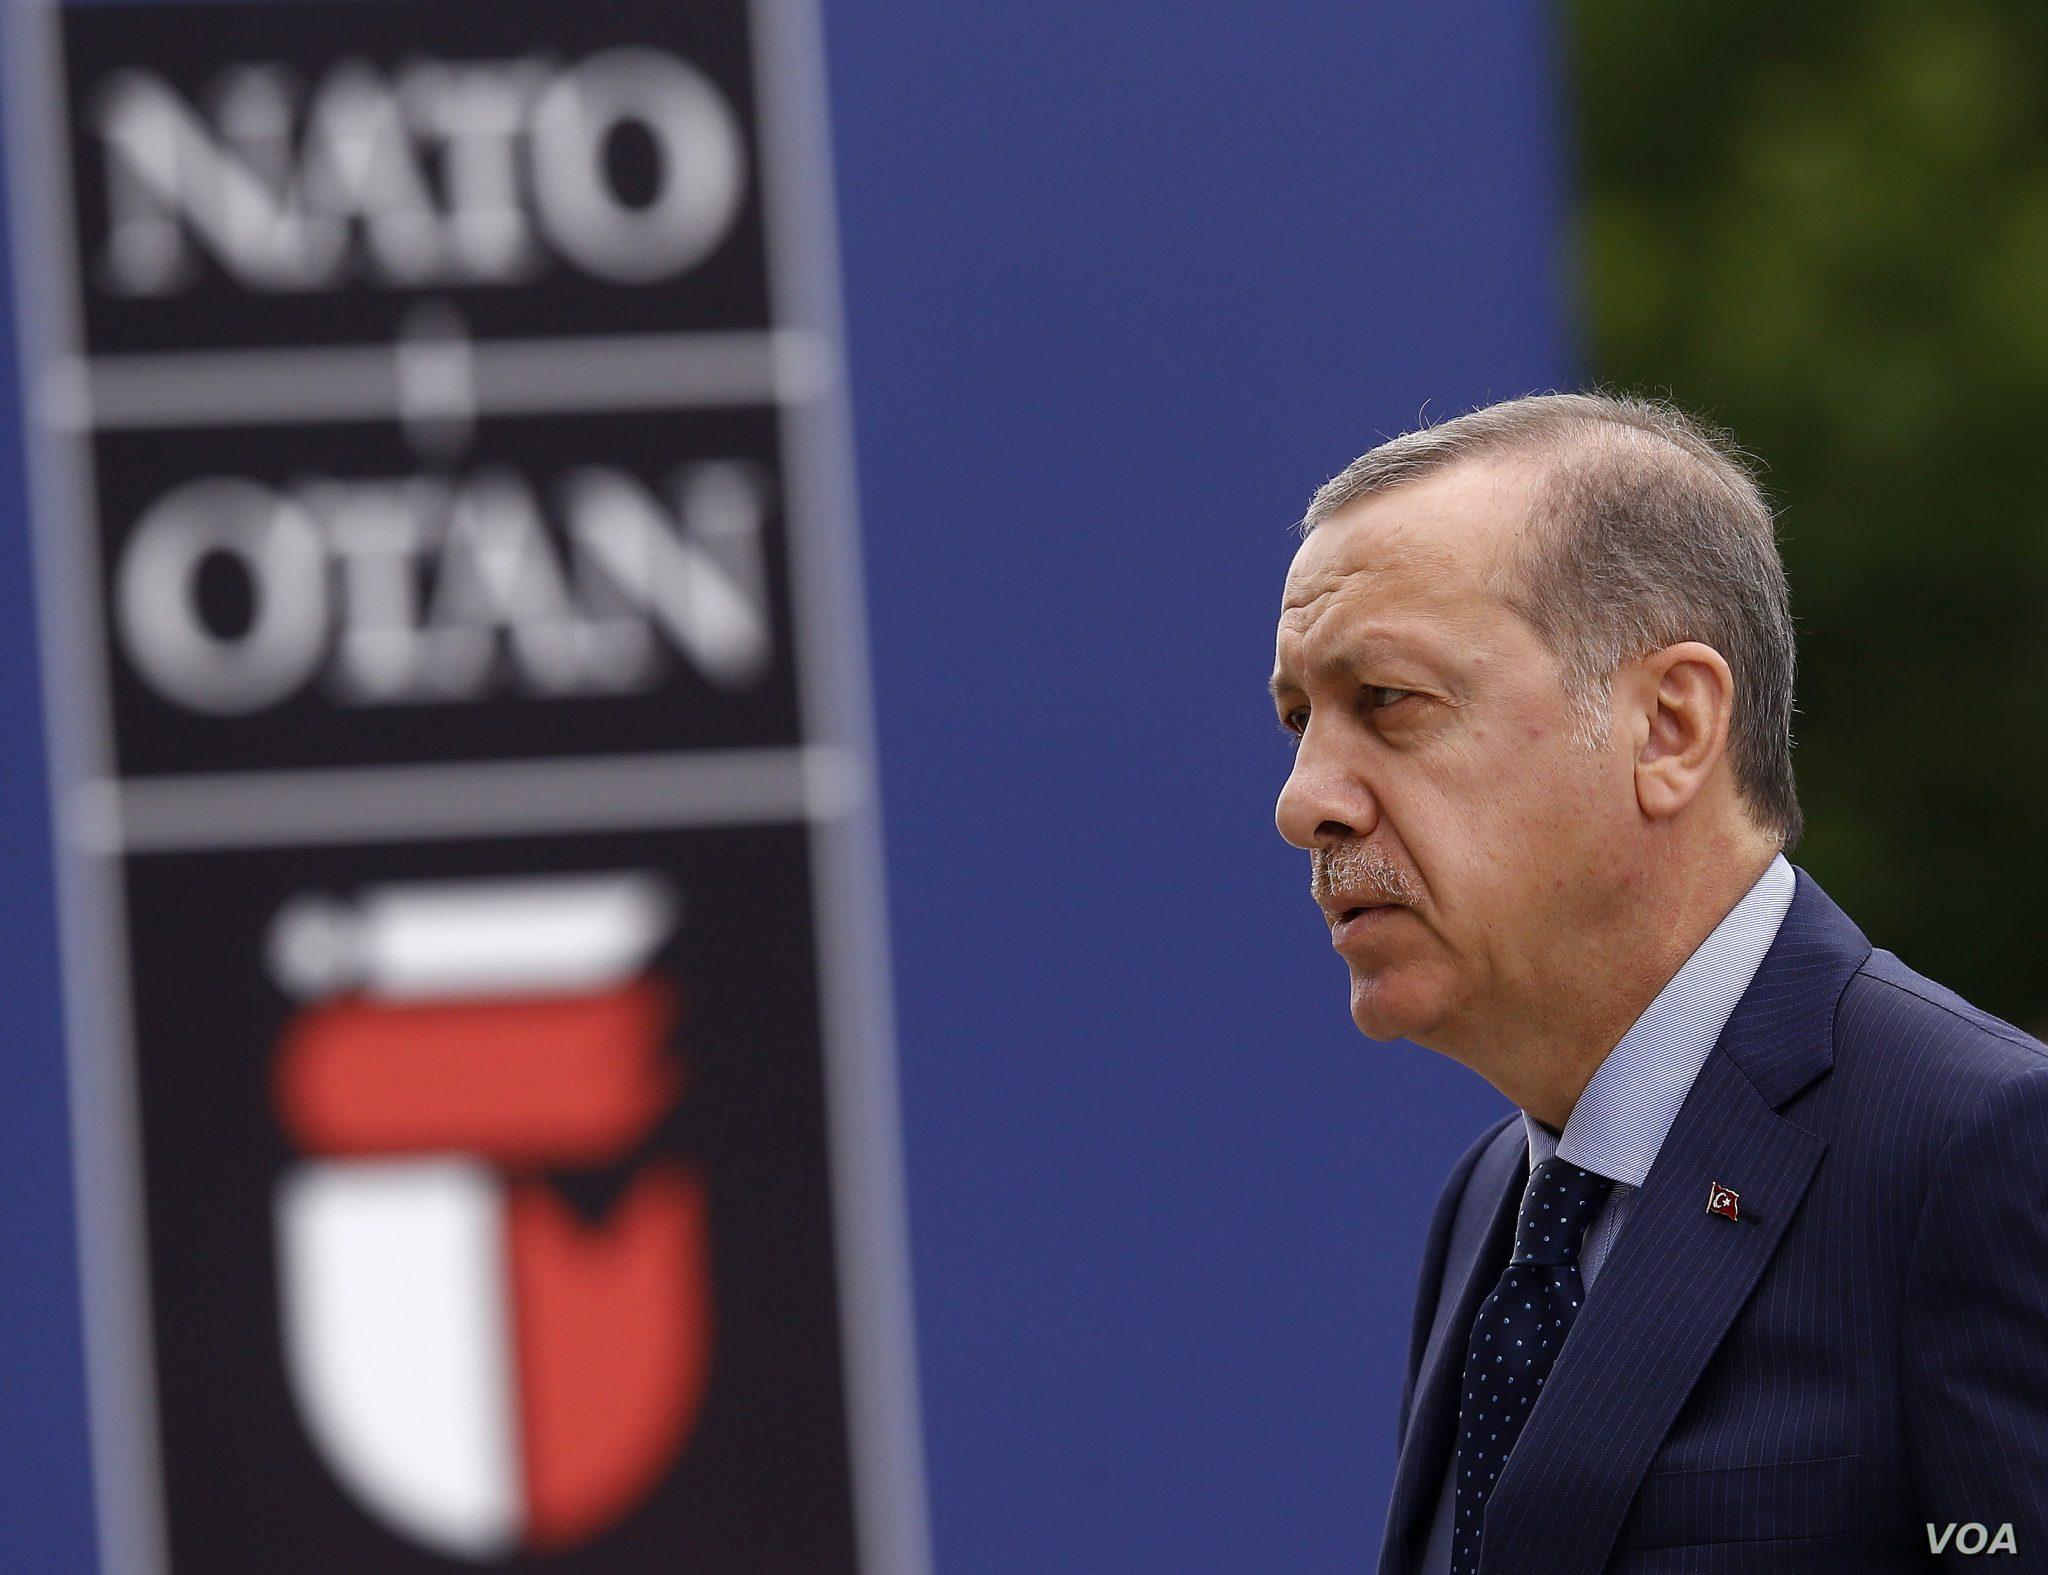 صورة سنأتي فجأة ذات ليلة..عمـ.ـلية جديدة للجيـ.ـش التركي على الحدود قيد التحضير